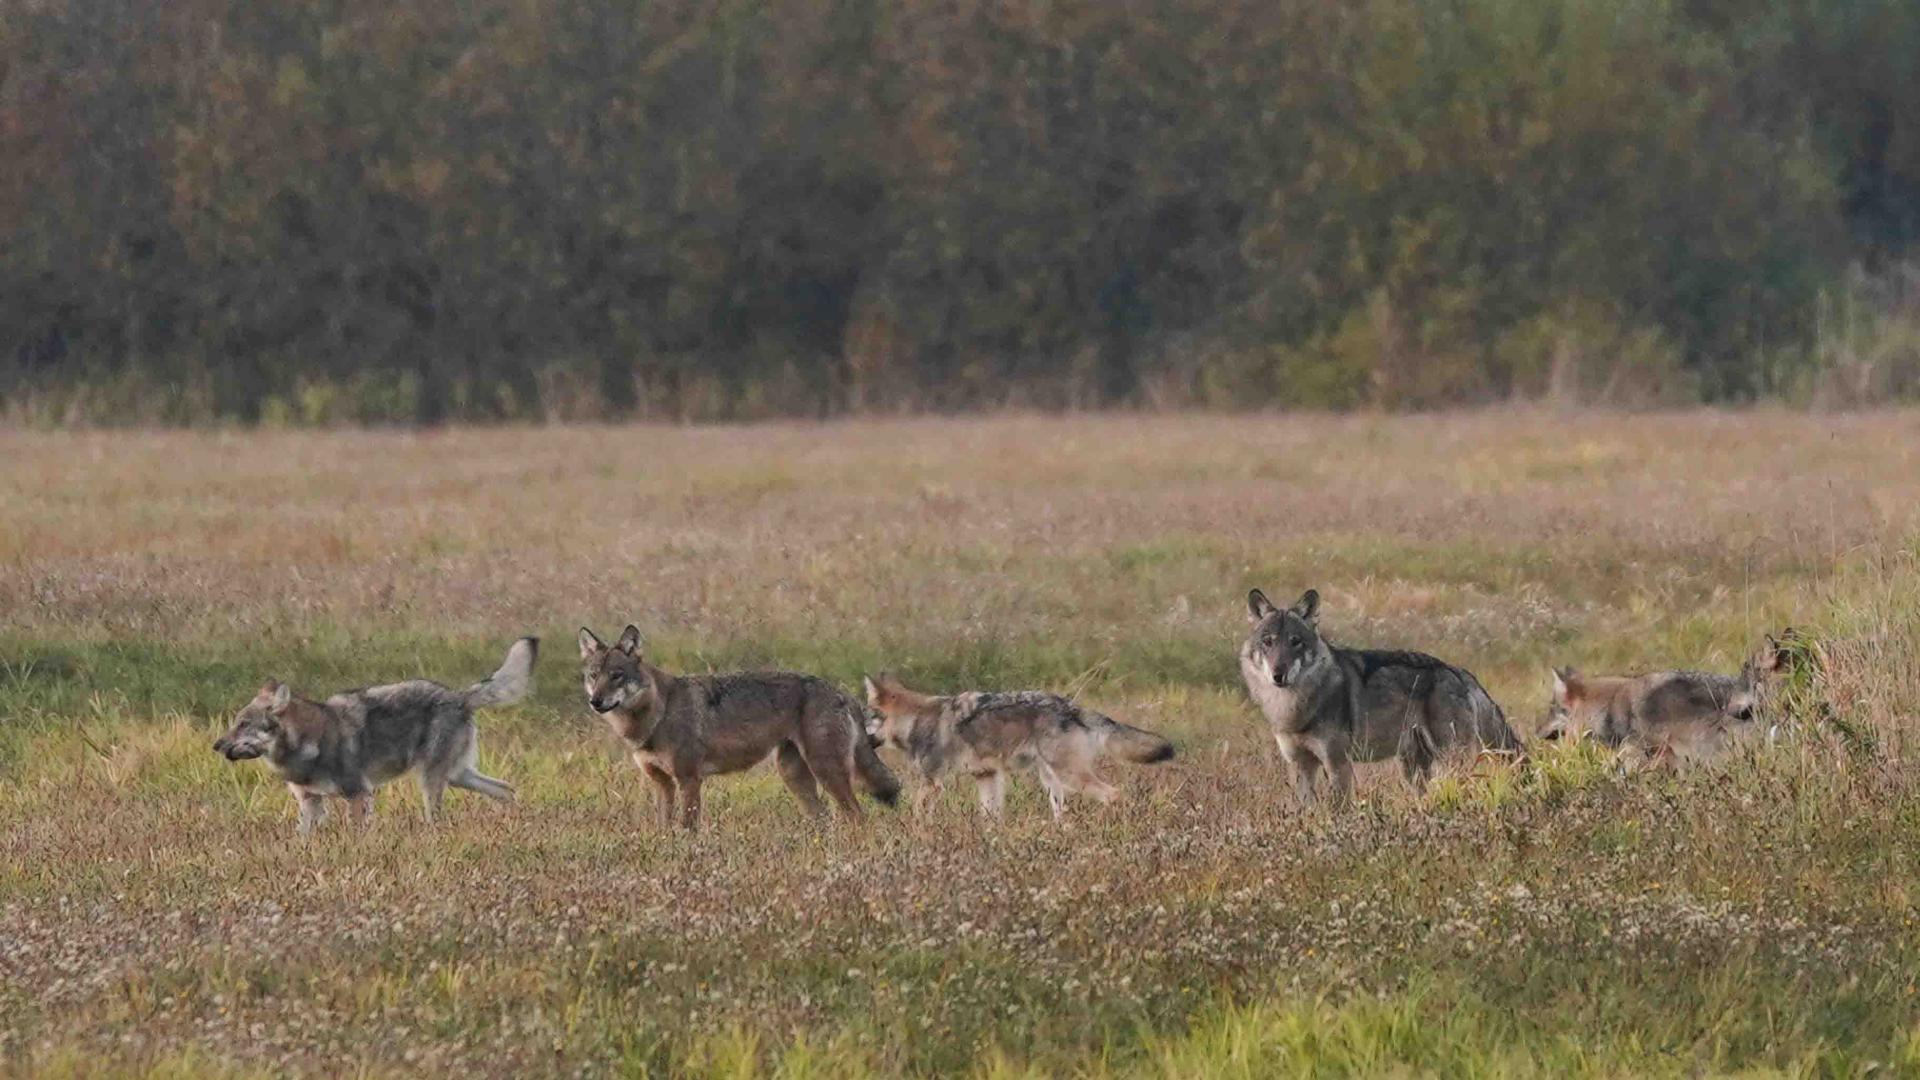 Automne Pologne La forêt impériale du 6 au 19/10/2019 14 jours, à la carte, privé